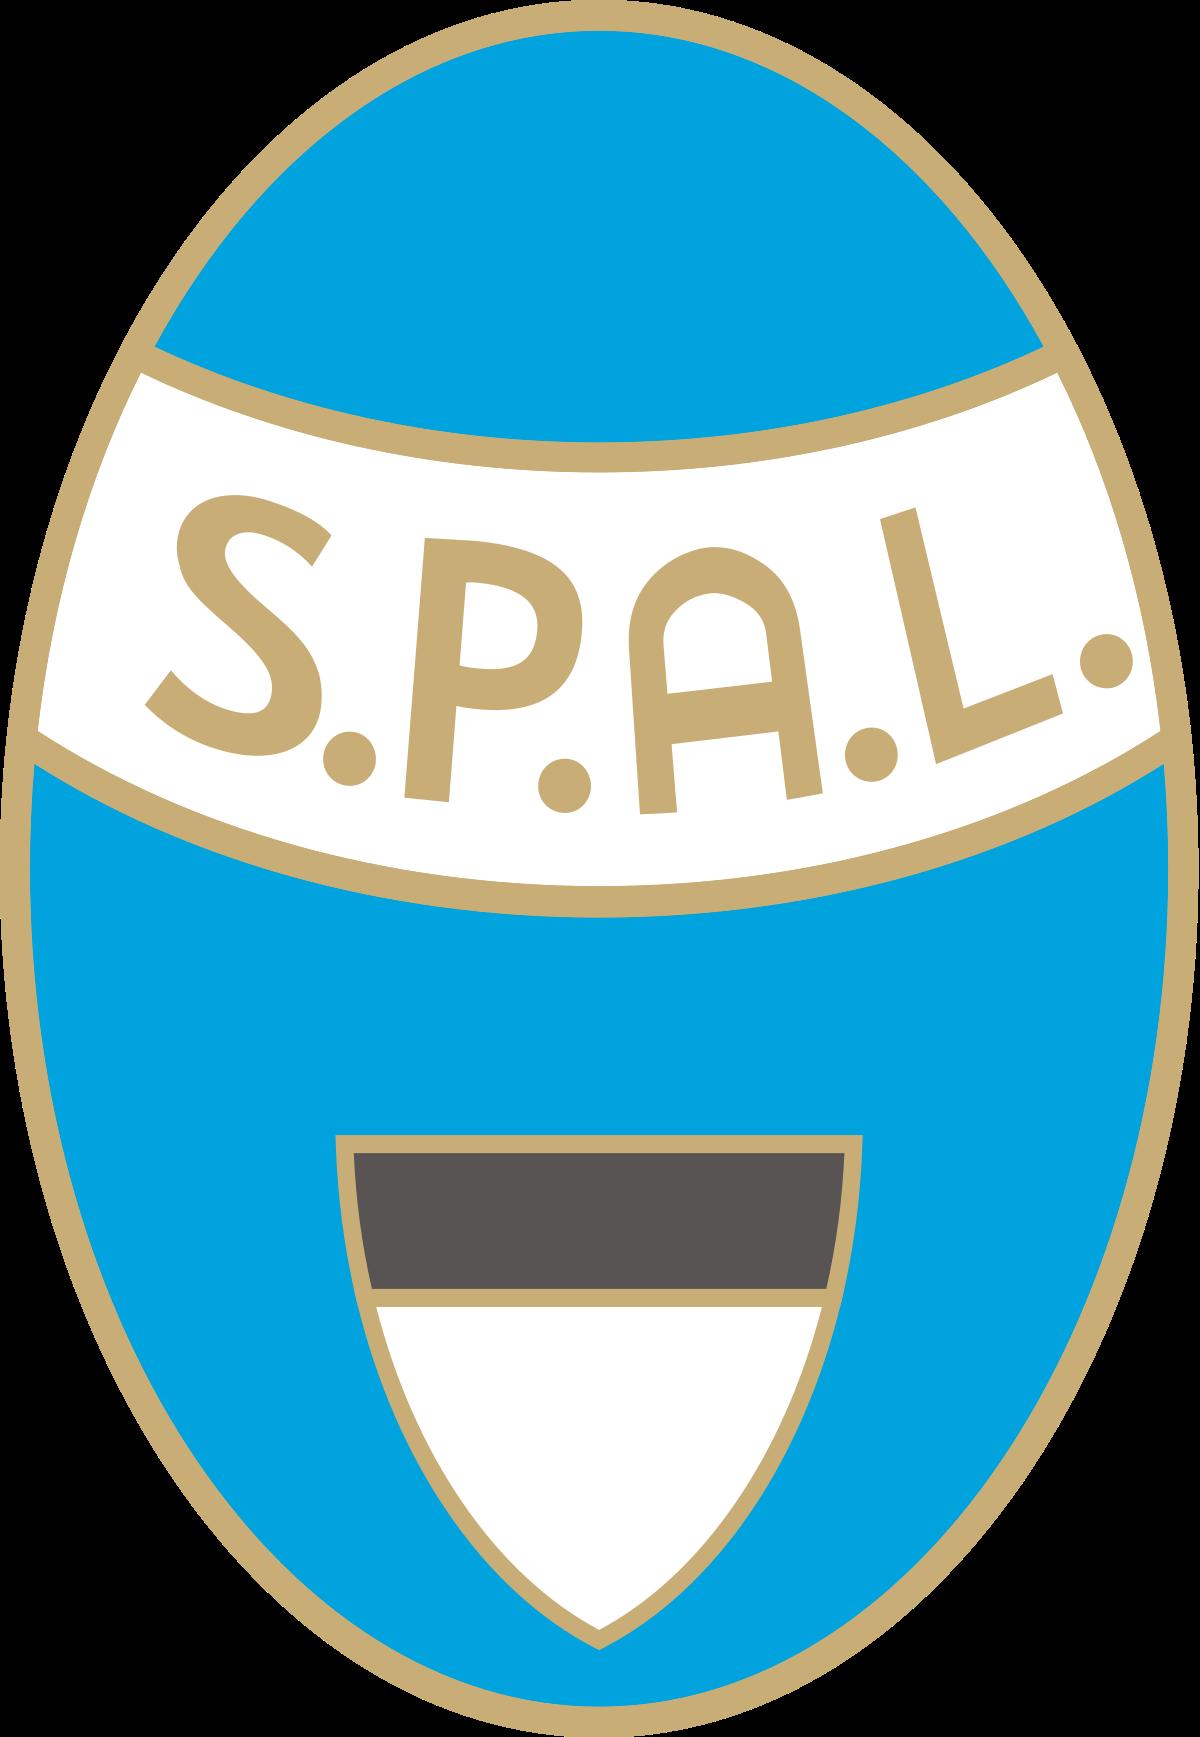 spal_cimer.png